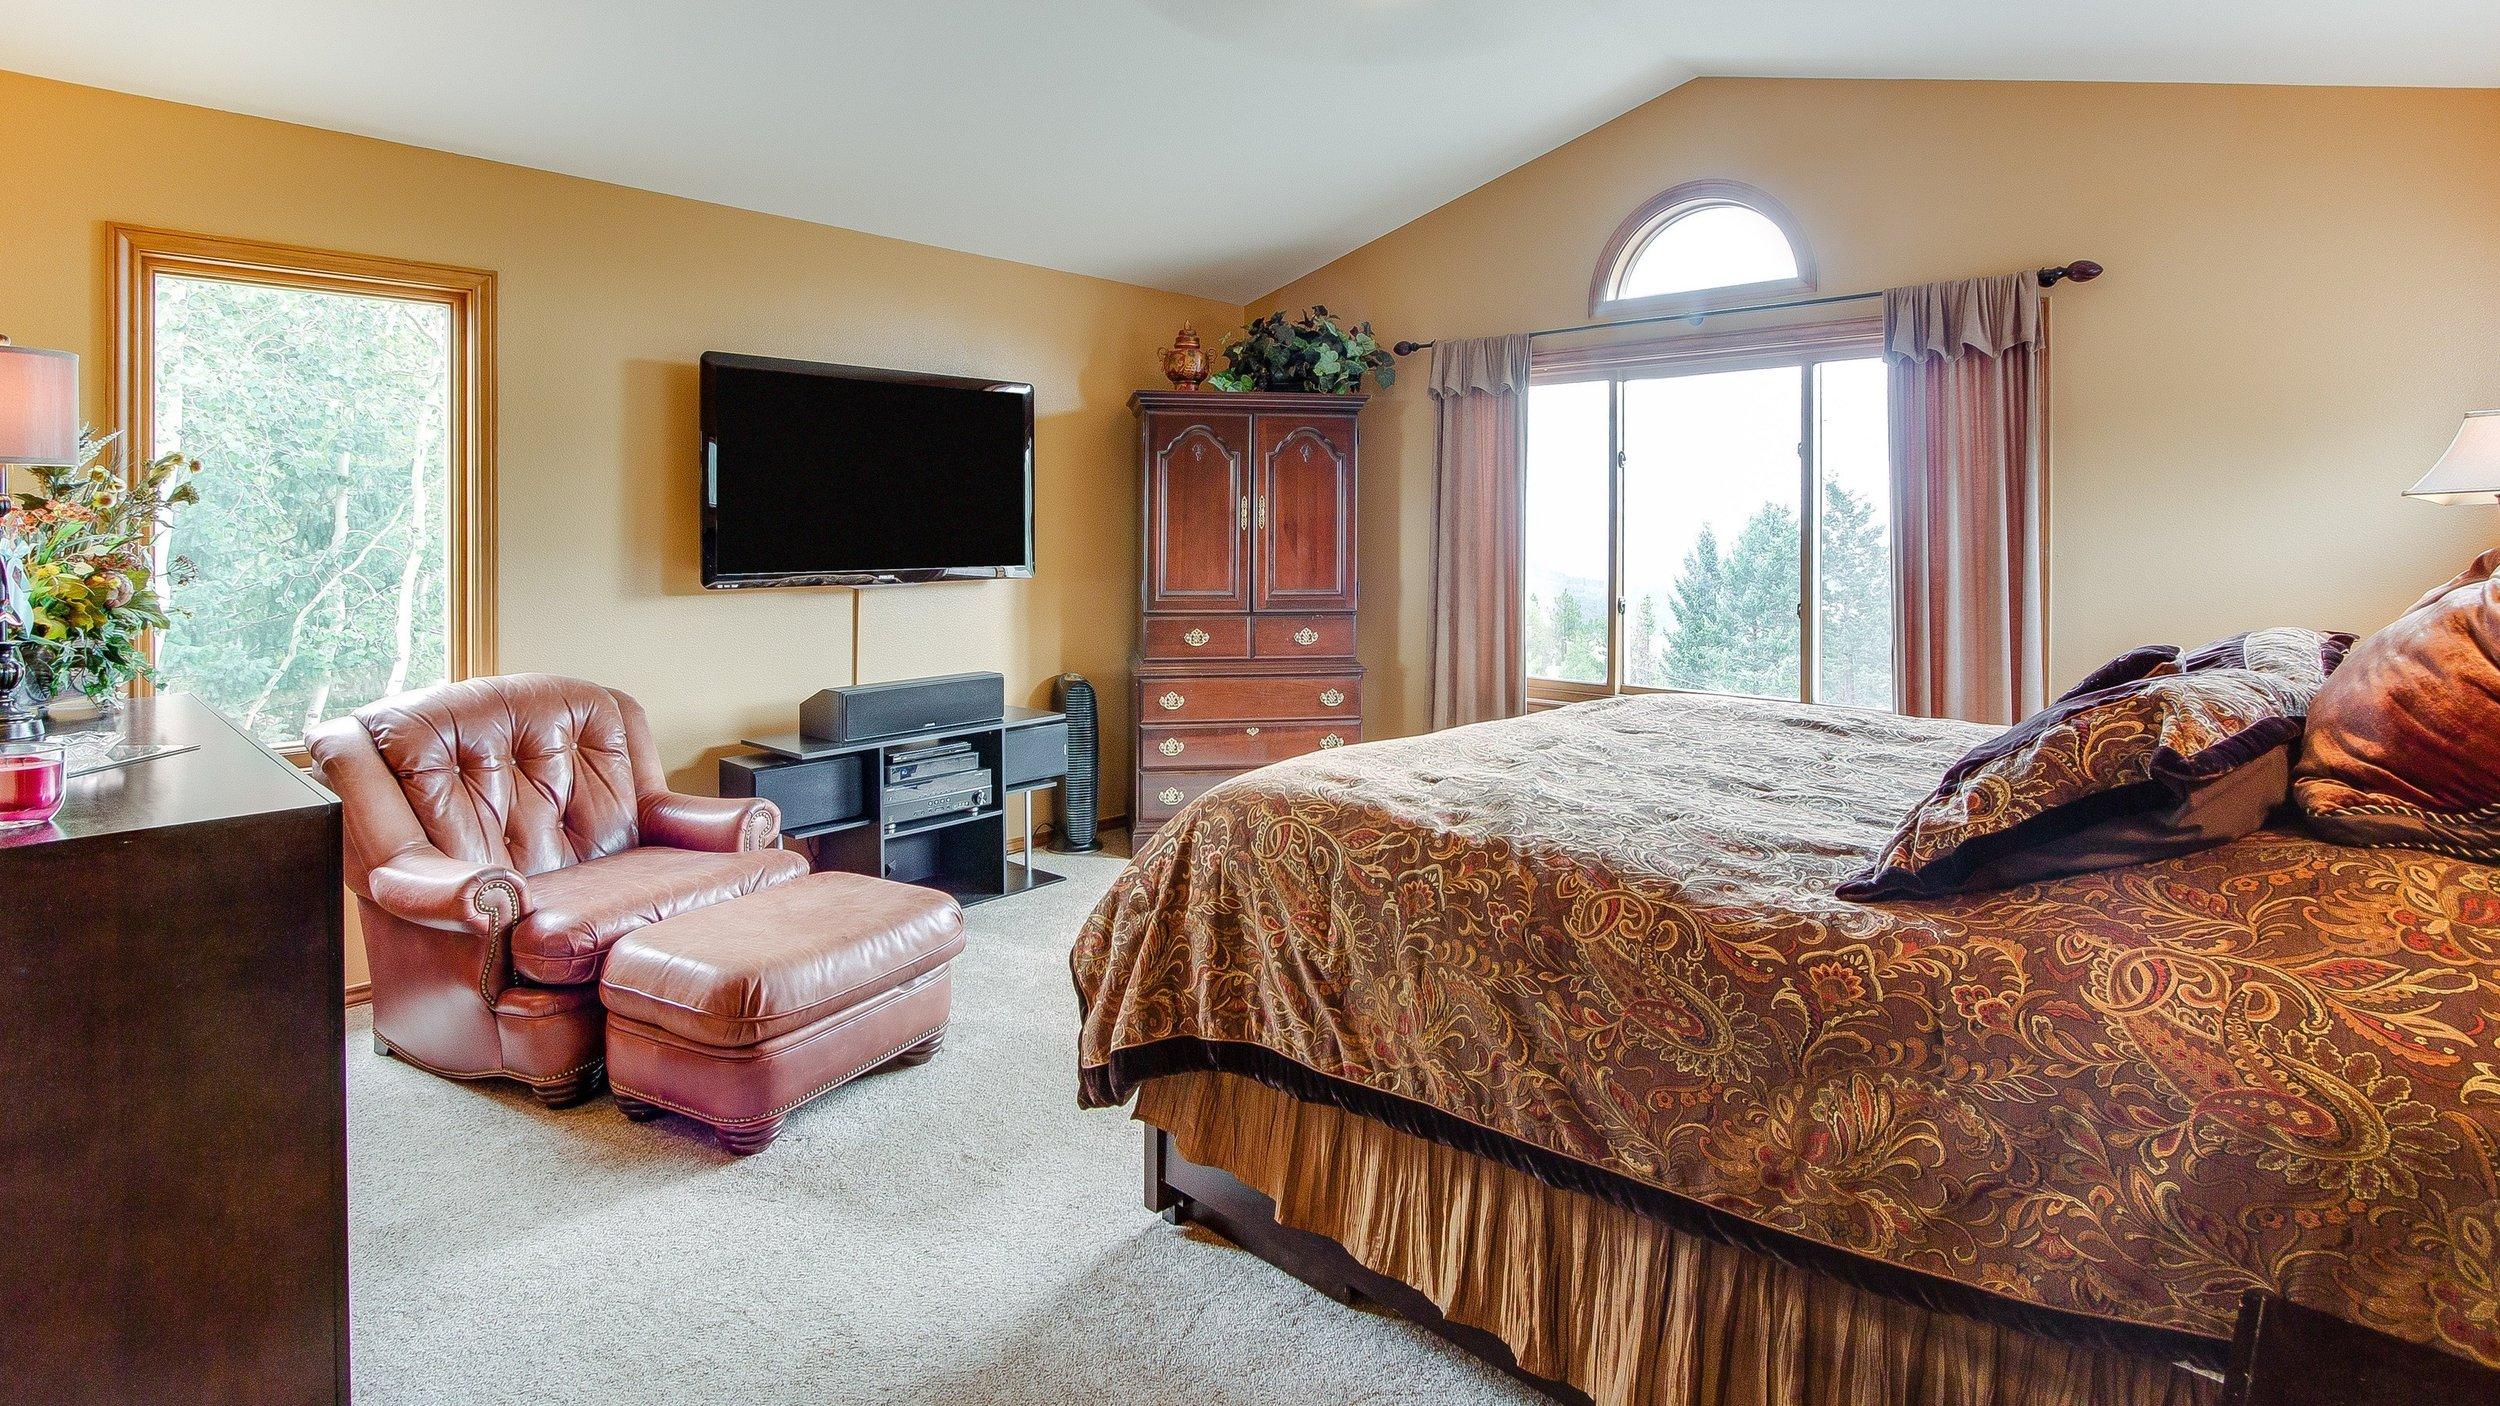 021_018_Master Bedroom.jpg